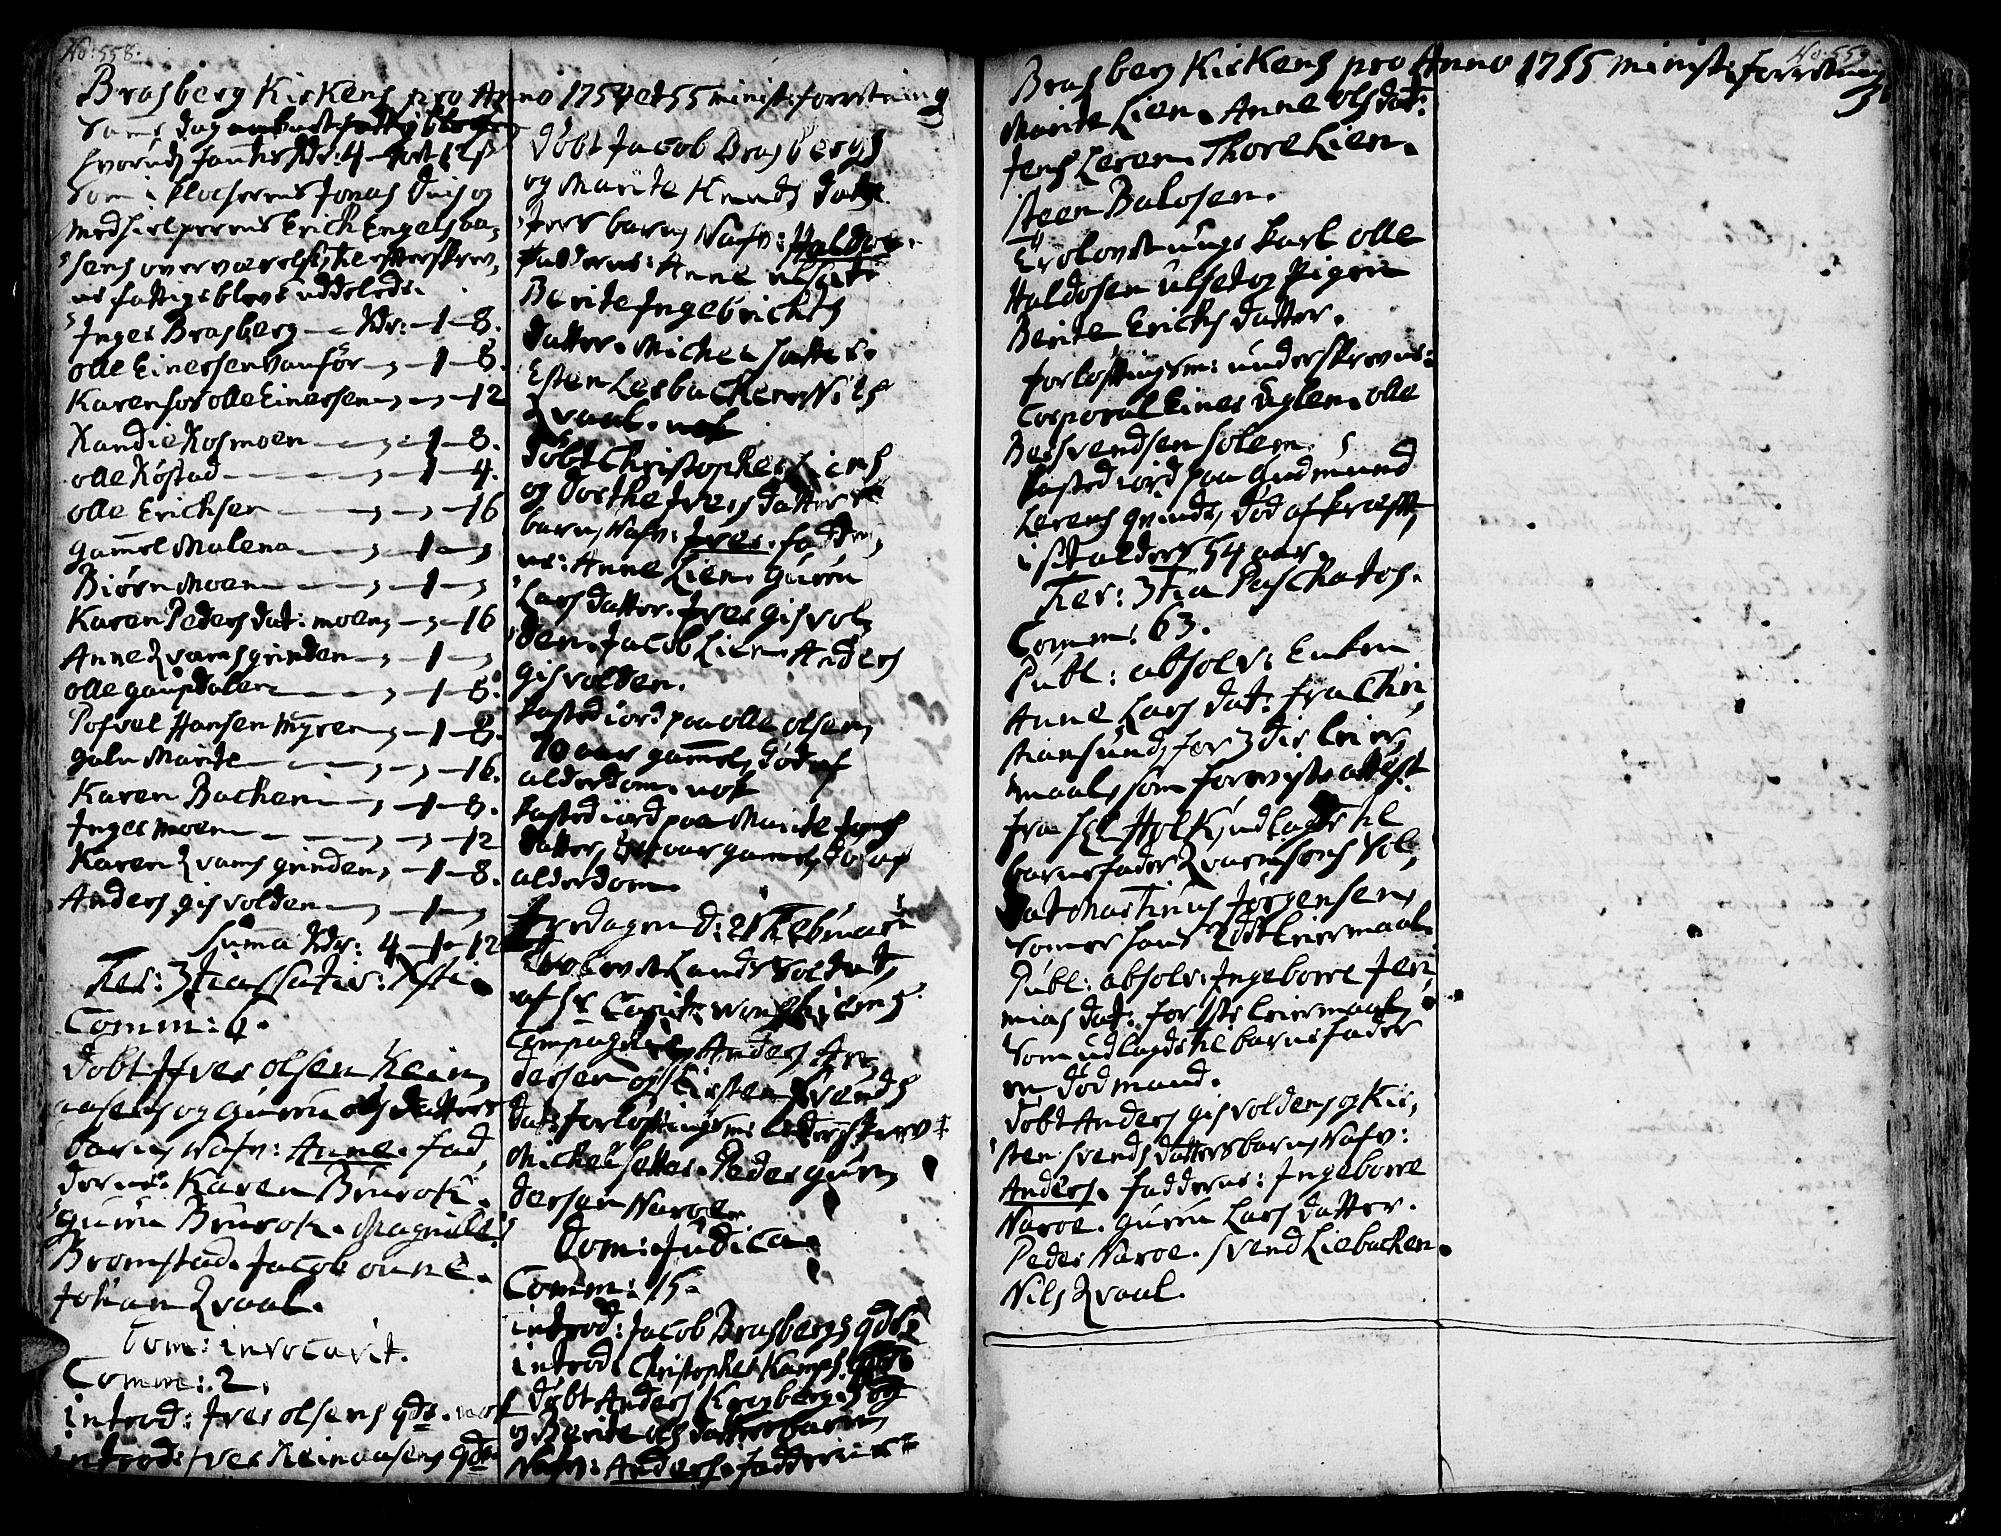 SAT, Ministerialprotokoller, klokkerbøker og fødselsregistre - Sør-Trøndelag, 606/L0278: Ministerialbok nr. 606A01 /4, 1727-1780, s. 558-559